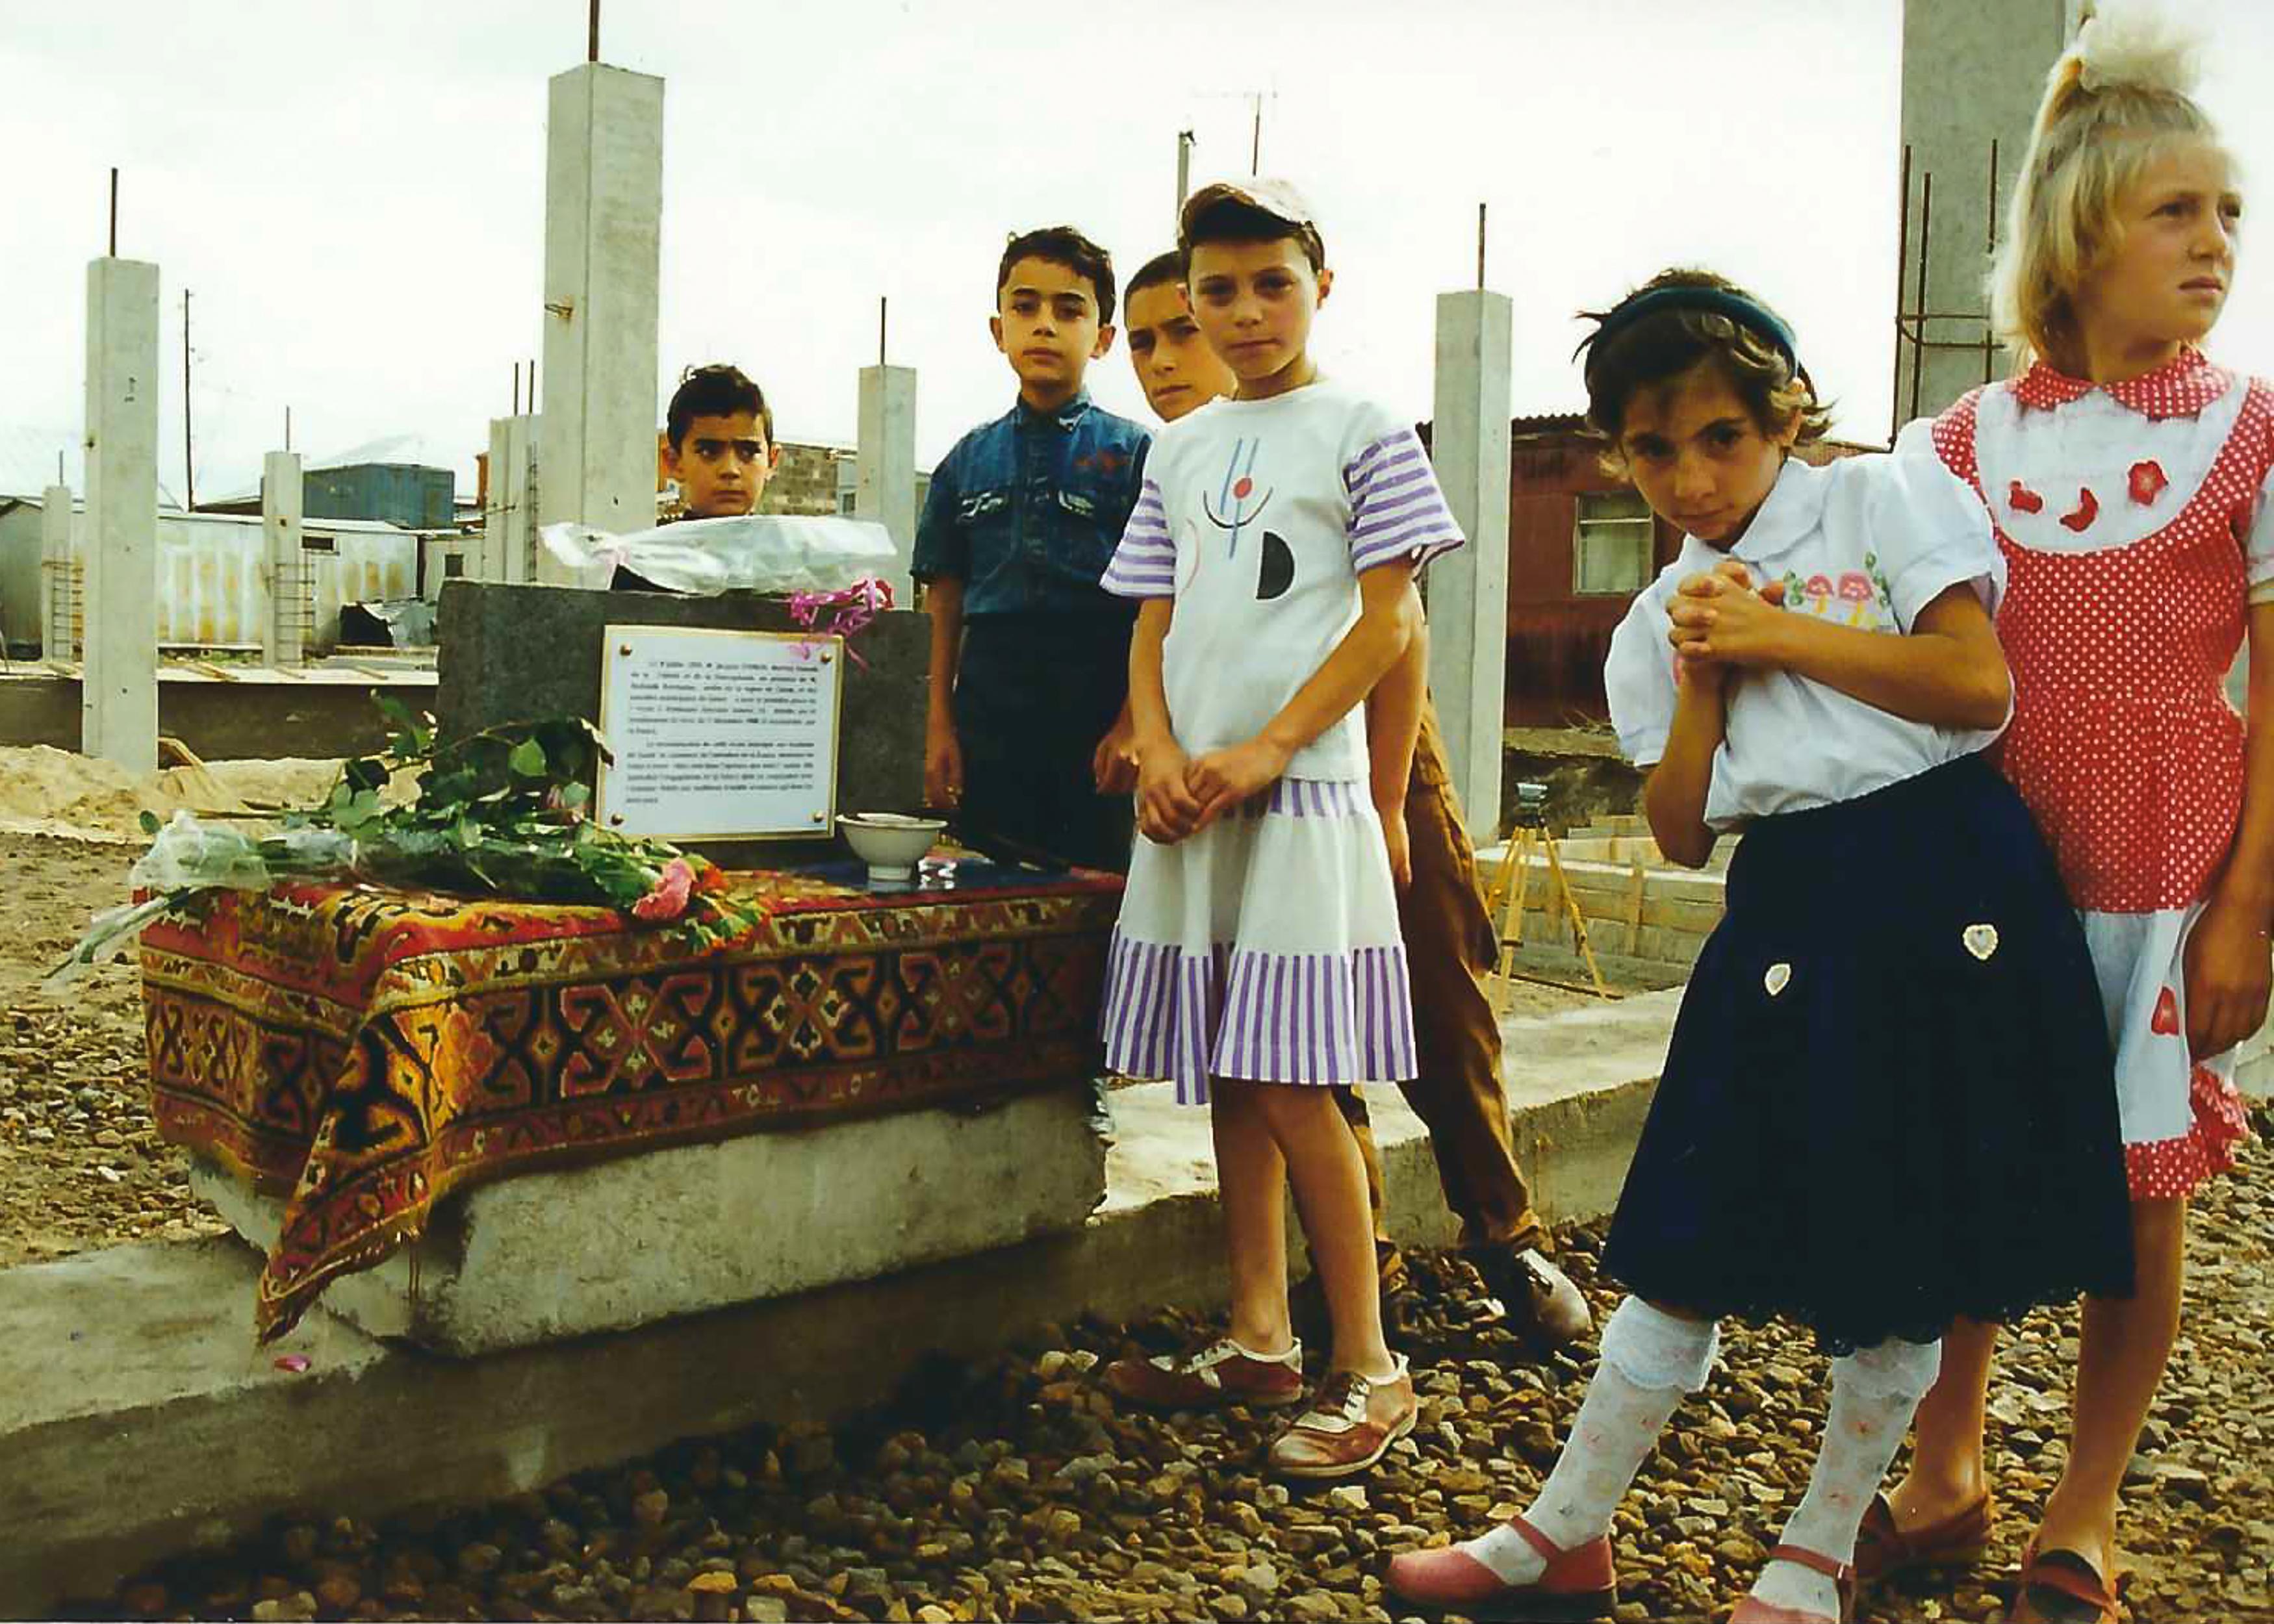 Les écoliers auprès de la première pierre de l'école N10 à Gumri (c) archive personnelle de Martin Pashayan